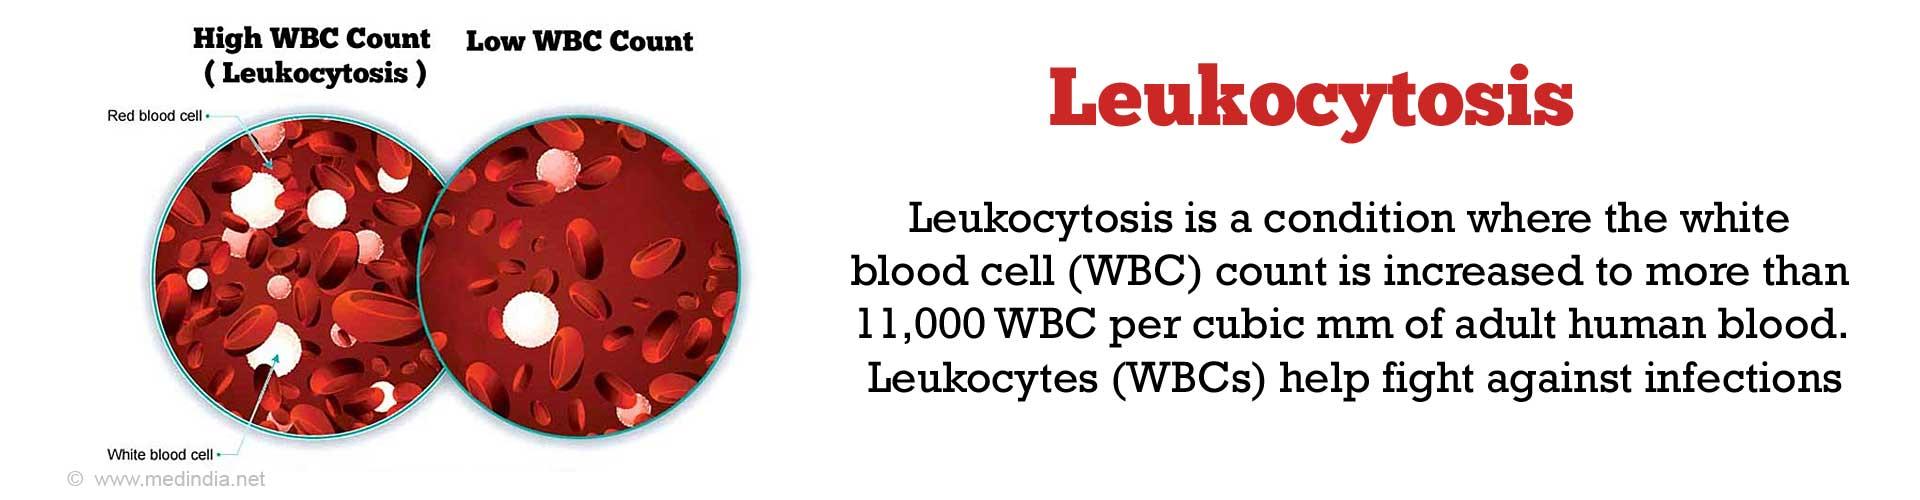 Leukocytosis